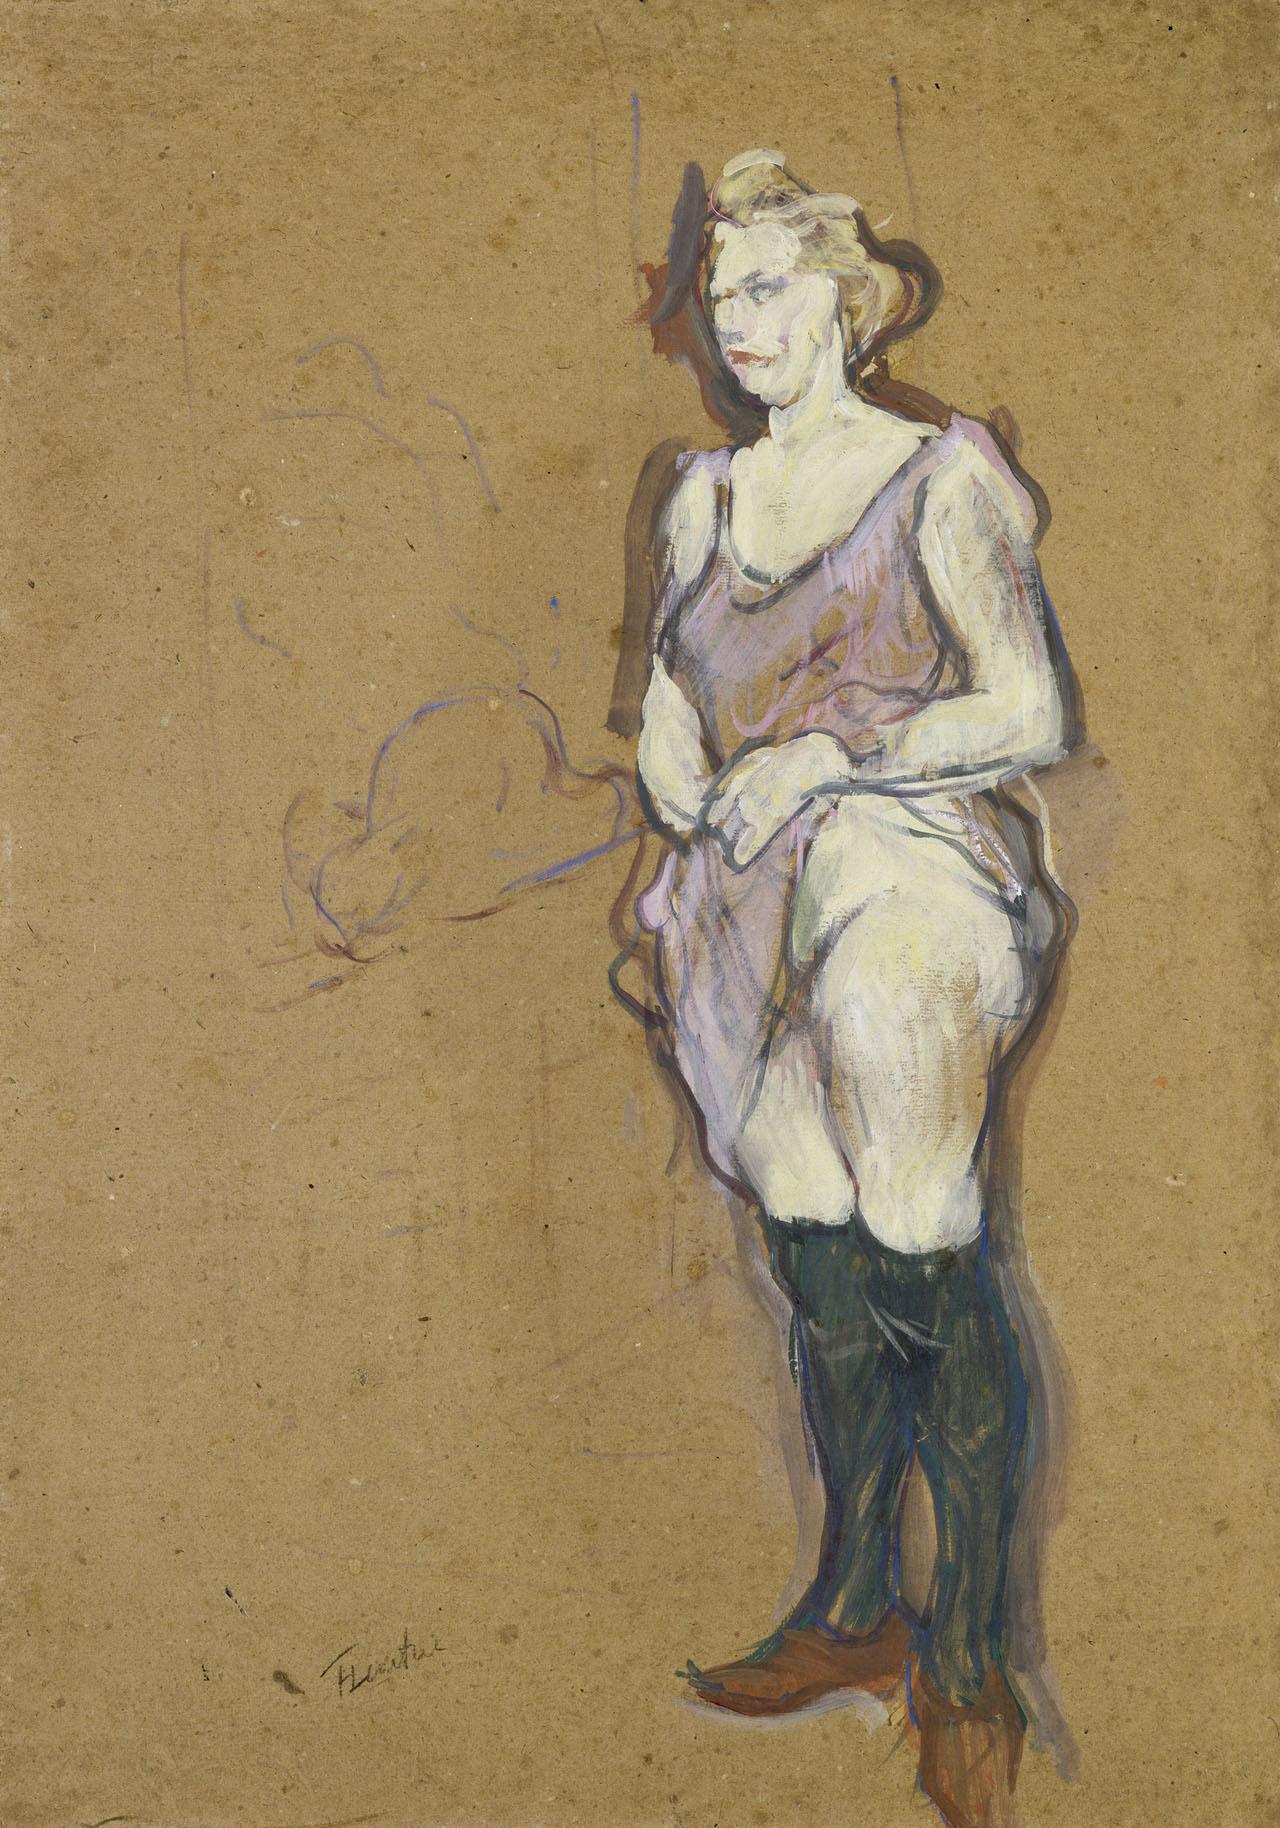 """Henri de Toulouse-Lautrec, """"L'Inspection médicale : femme de maison blonde"""" (1893–94), (photo by Hervé Lewandowski, courtesy Musée d'Orsay, © RMN-Grand Palais)"""